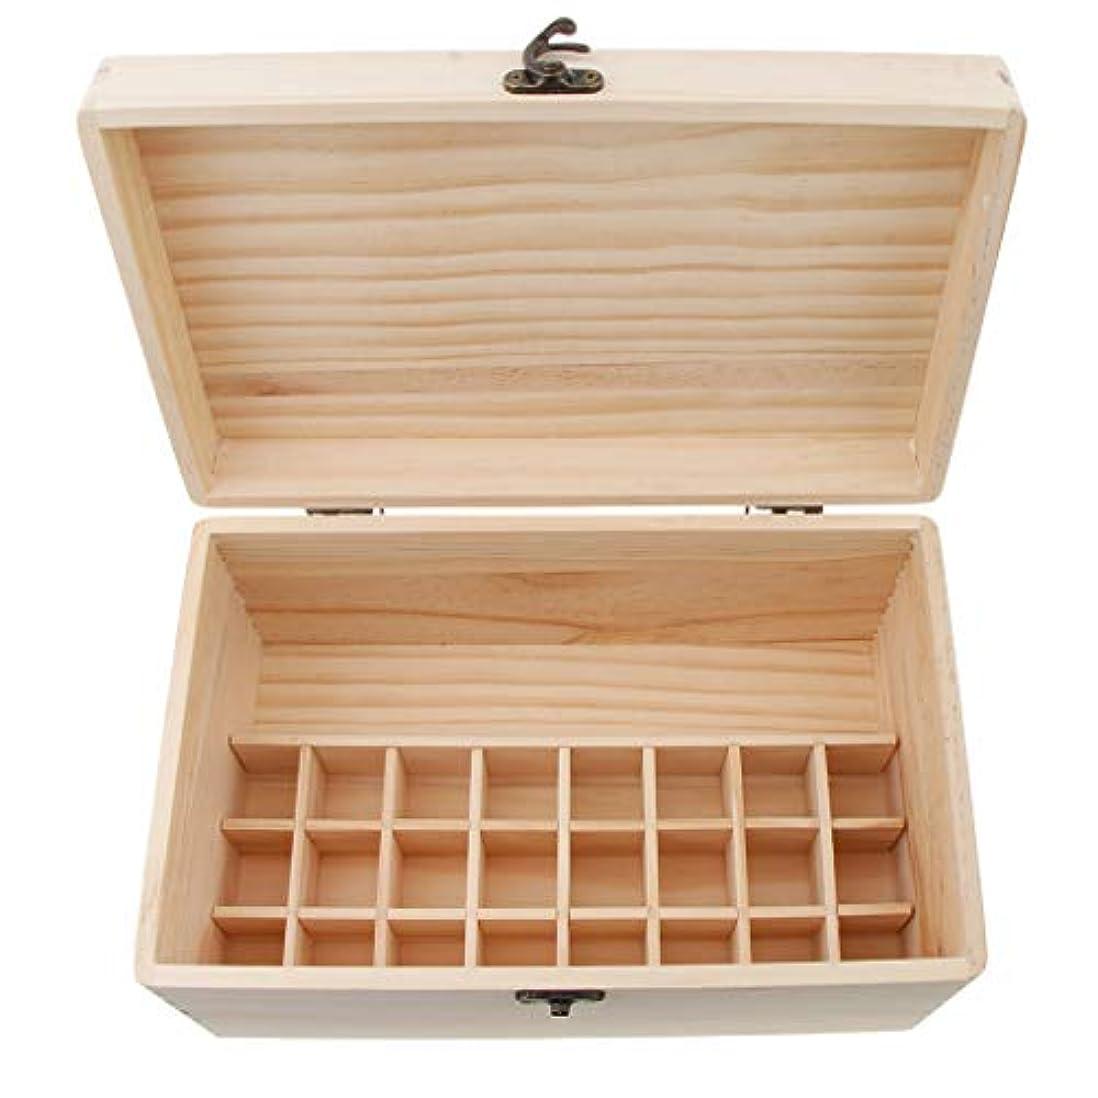 忌まわしい講堂橋脚sharprepublic エッセンシャルオイル 木製収納ボックス ディスプレイ キャリーケース オーガナイザーホールド 32本